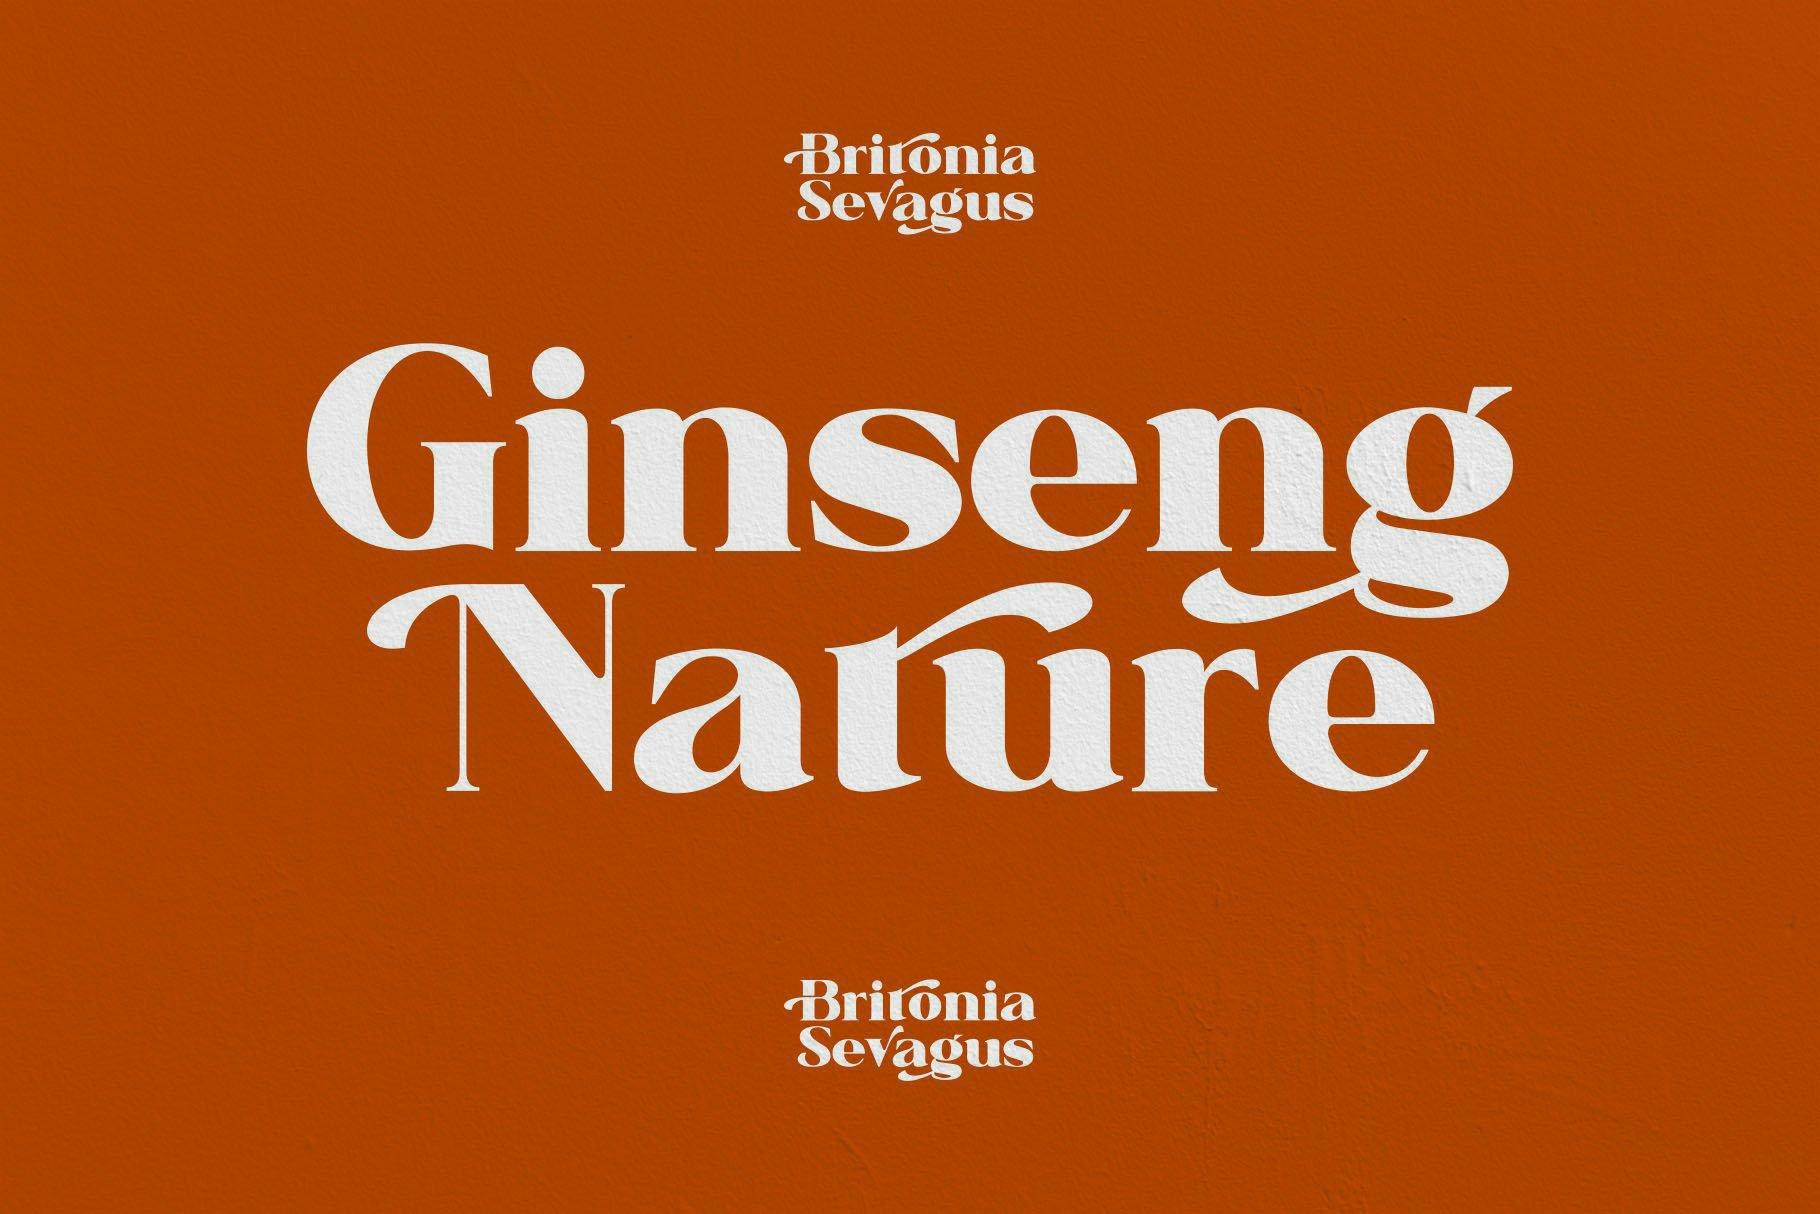 Britonia Sevagus example image 2